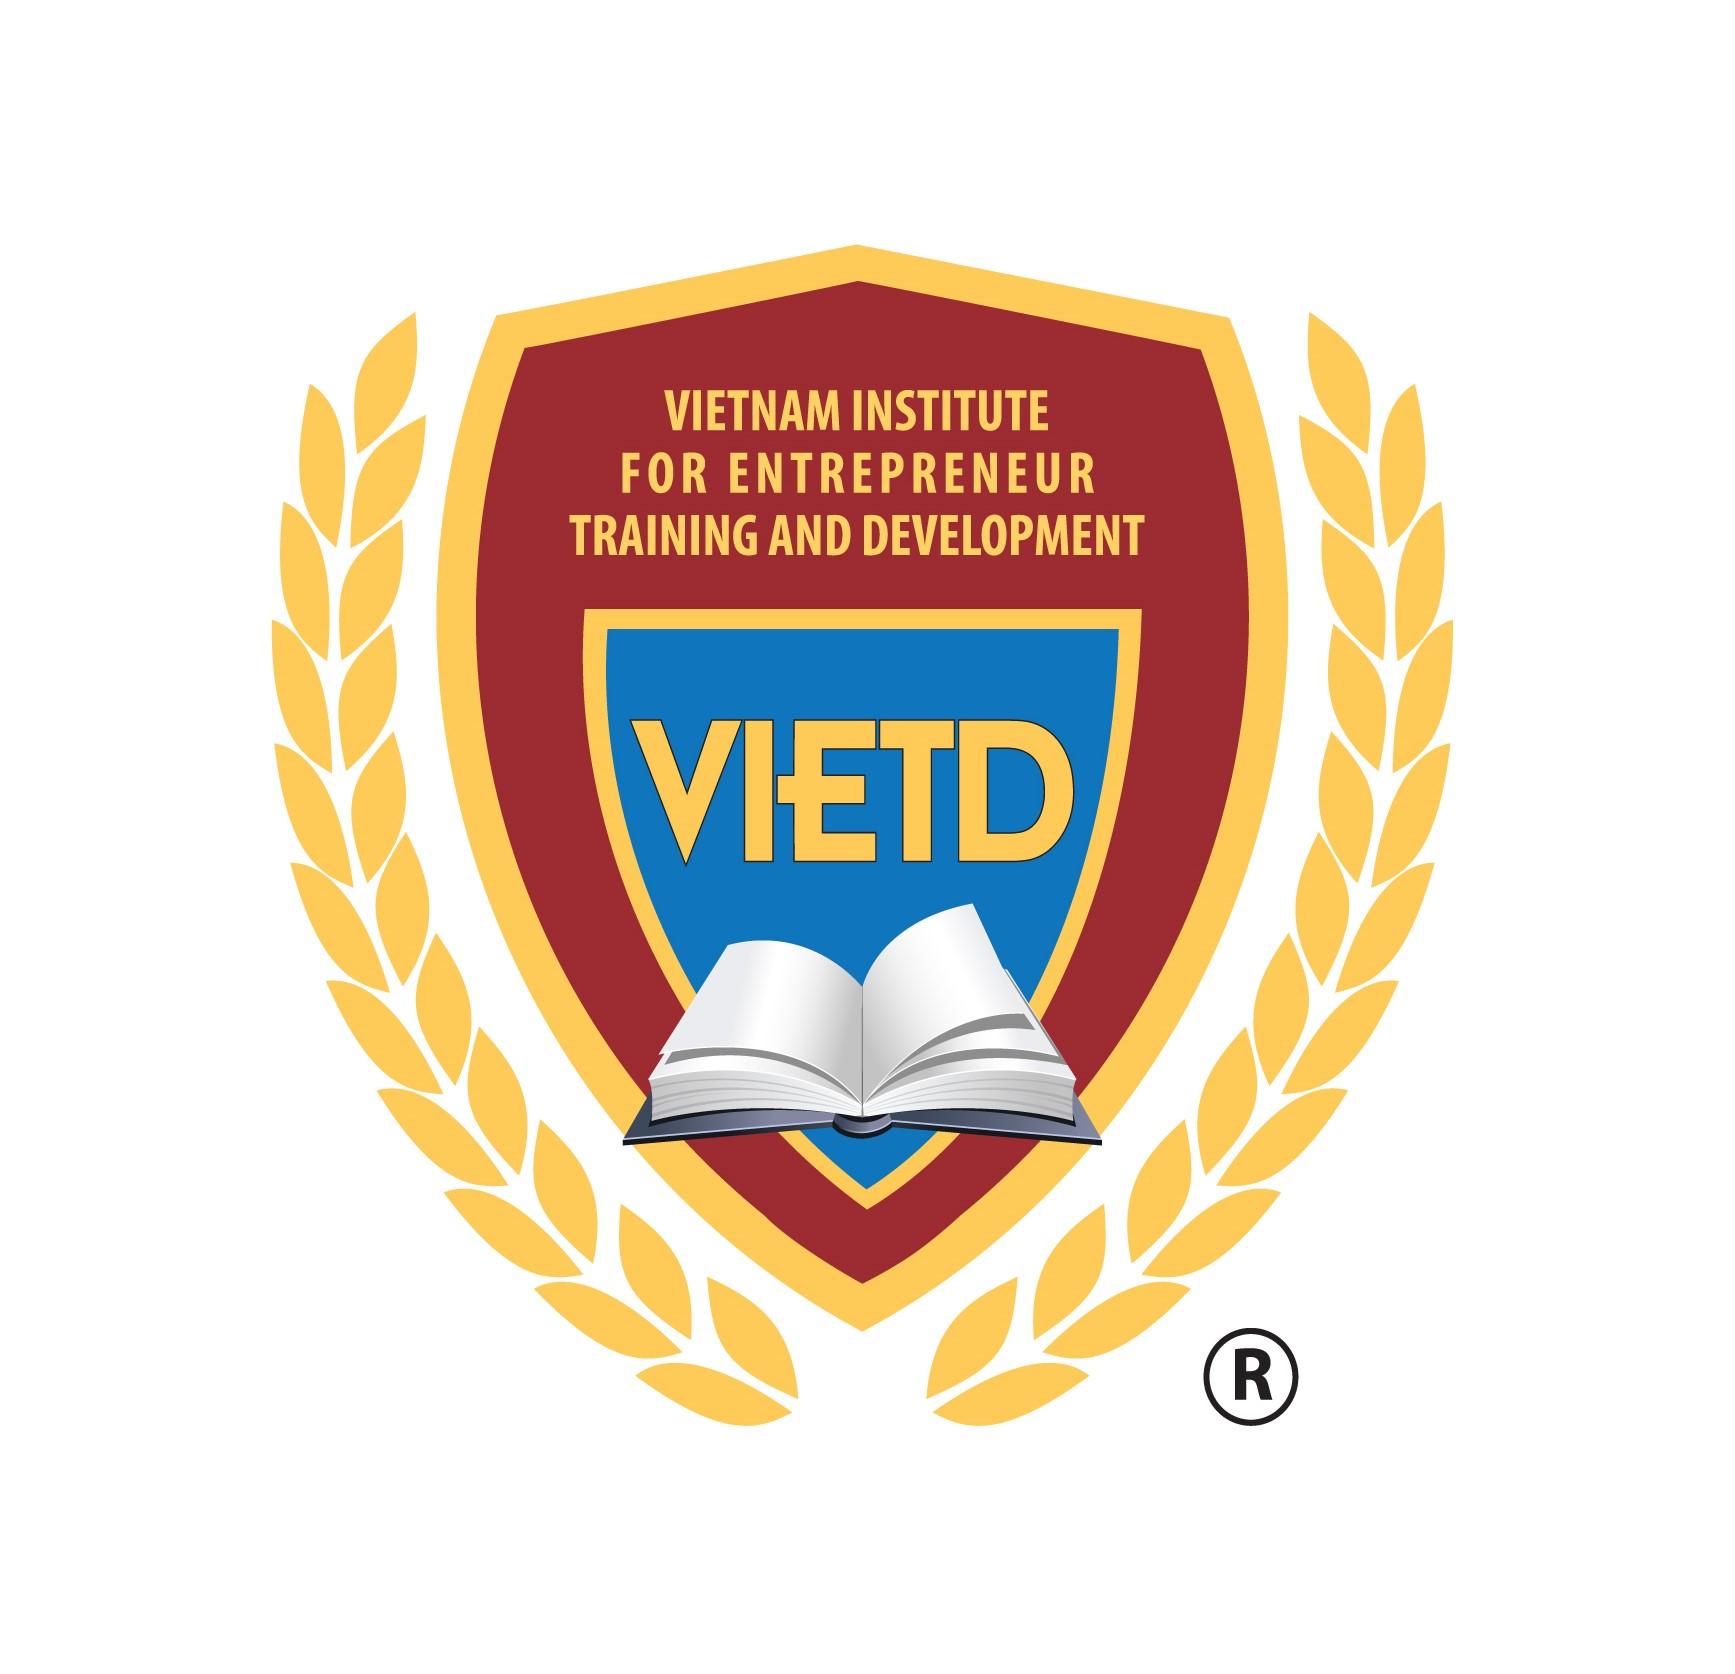 Logo VIETD - Viện đào tạo & Phát triển Doanh nhân Việt Nam